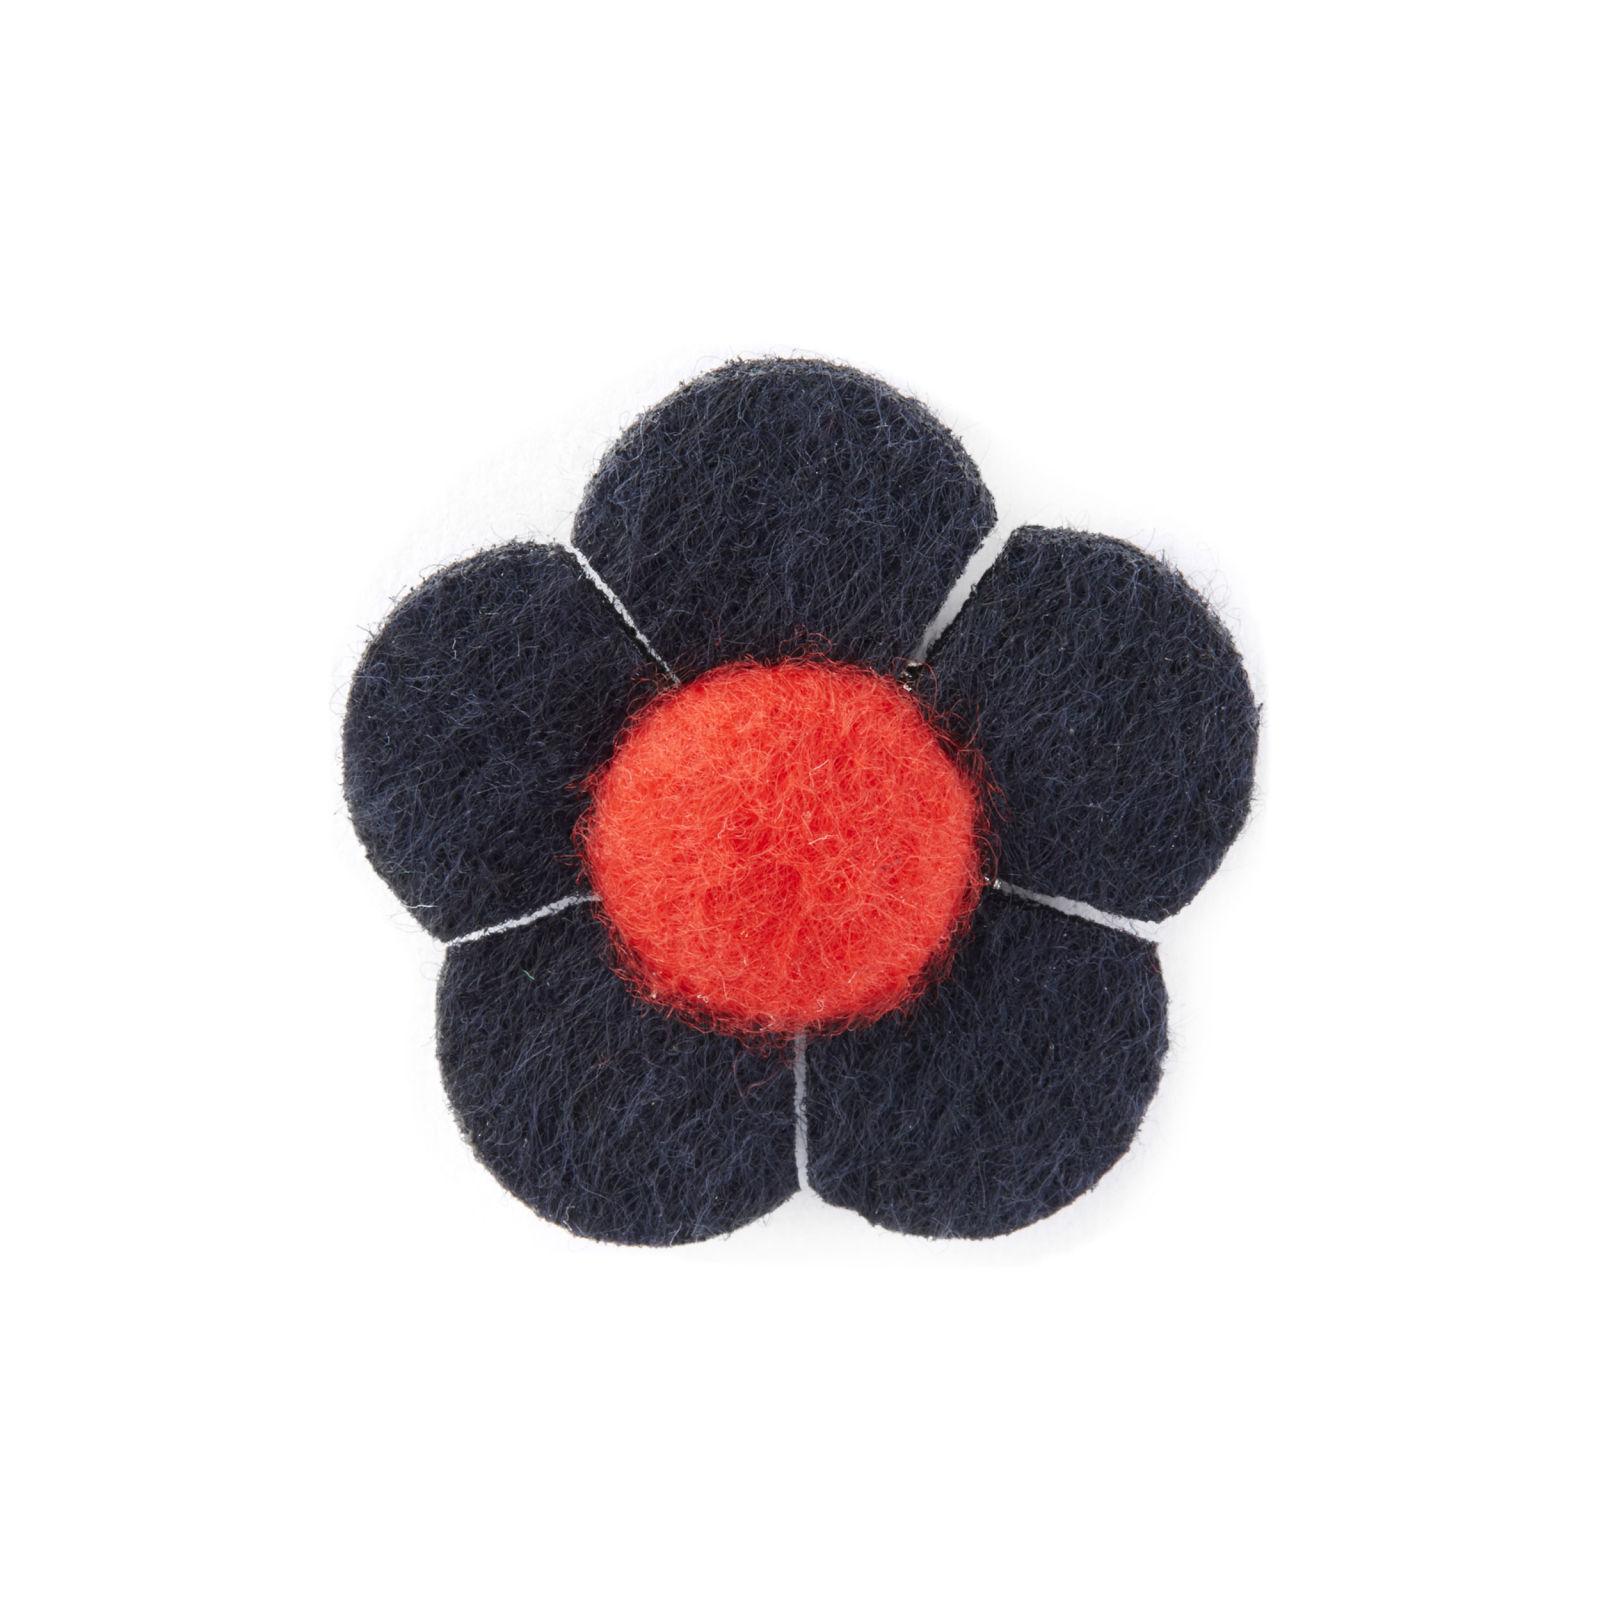 Warren Asher Laivastonsininen ja punainen kukka -rintaneula